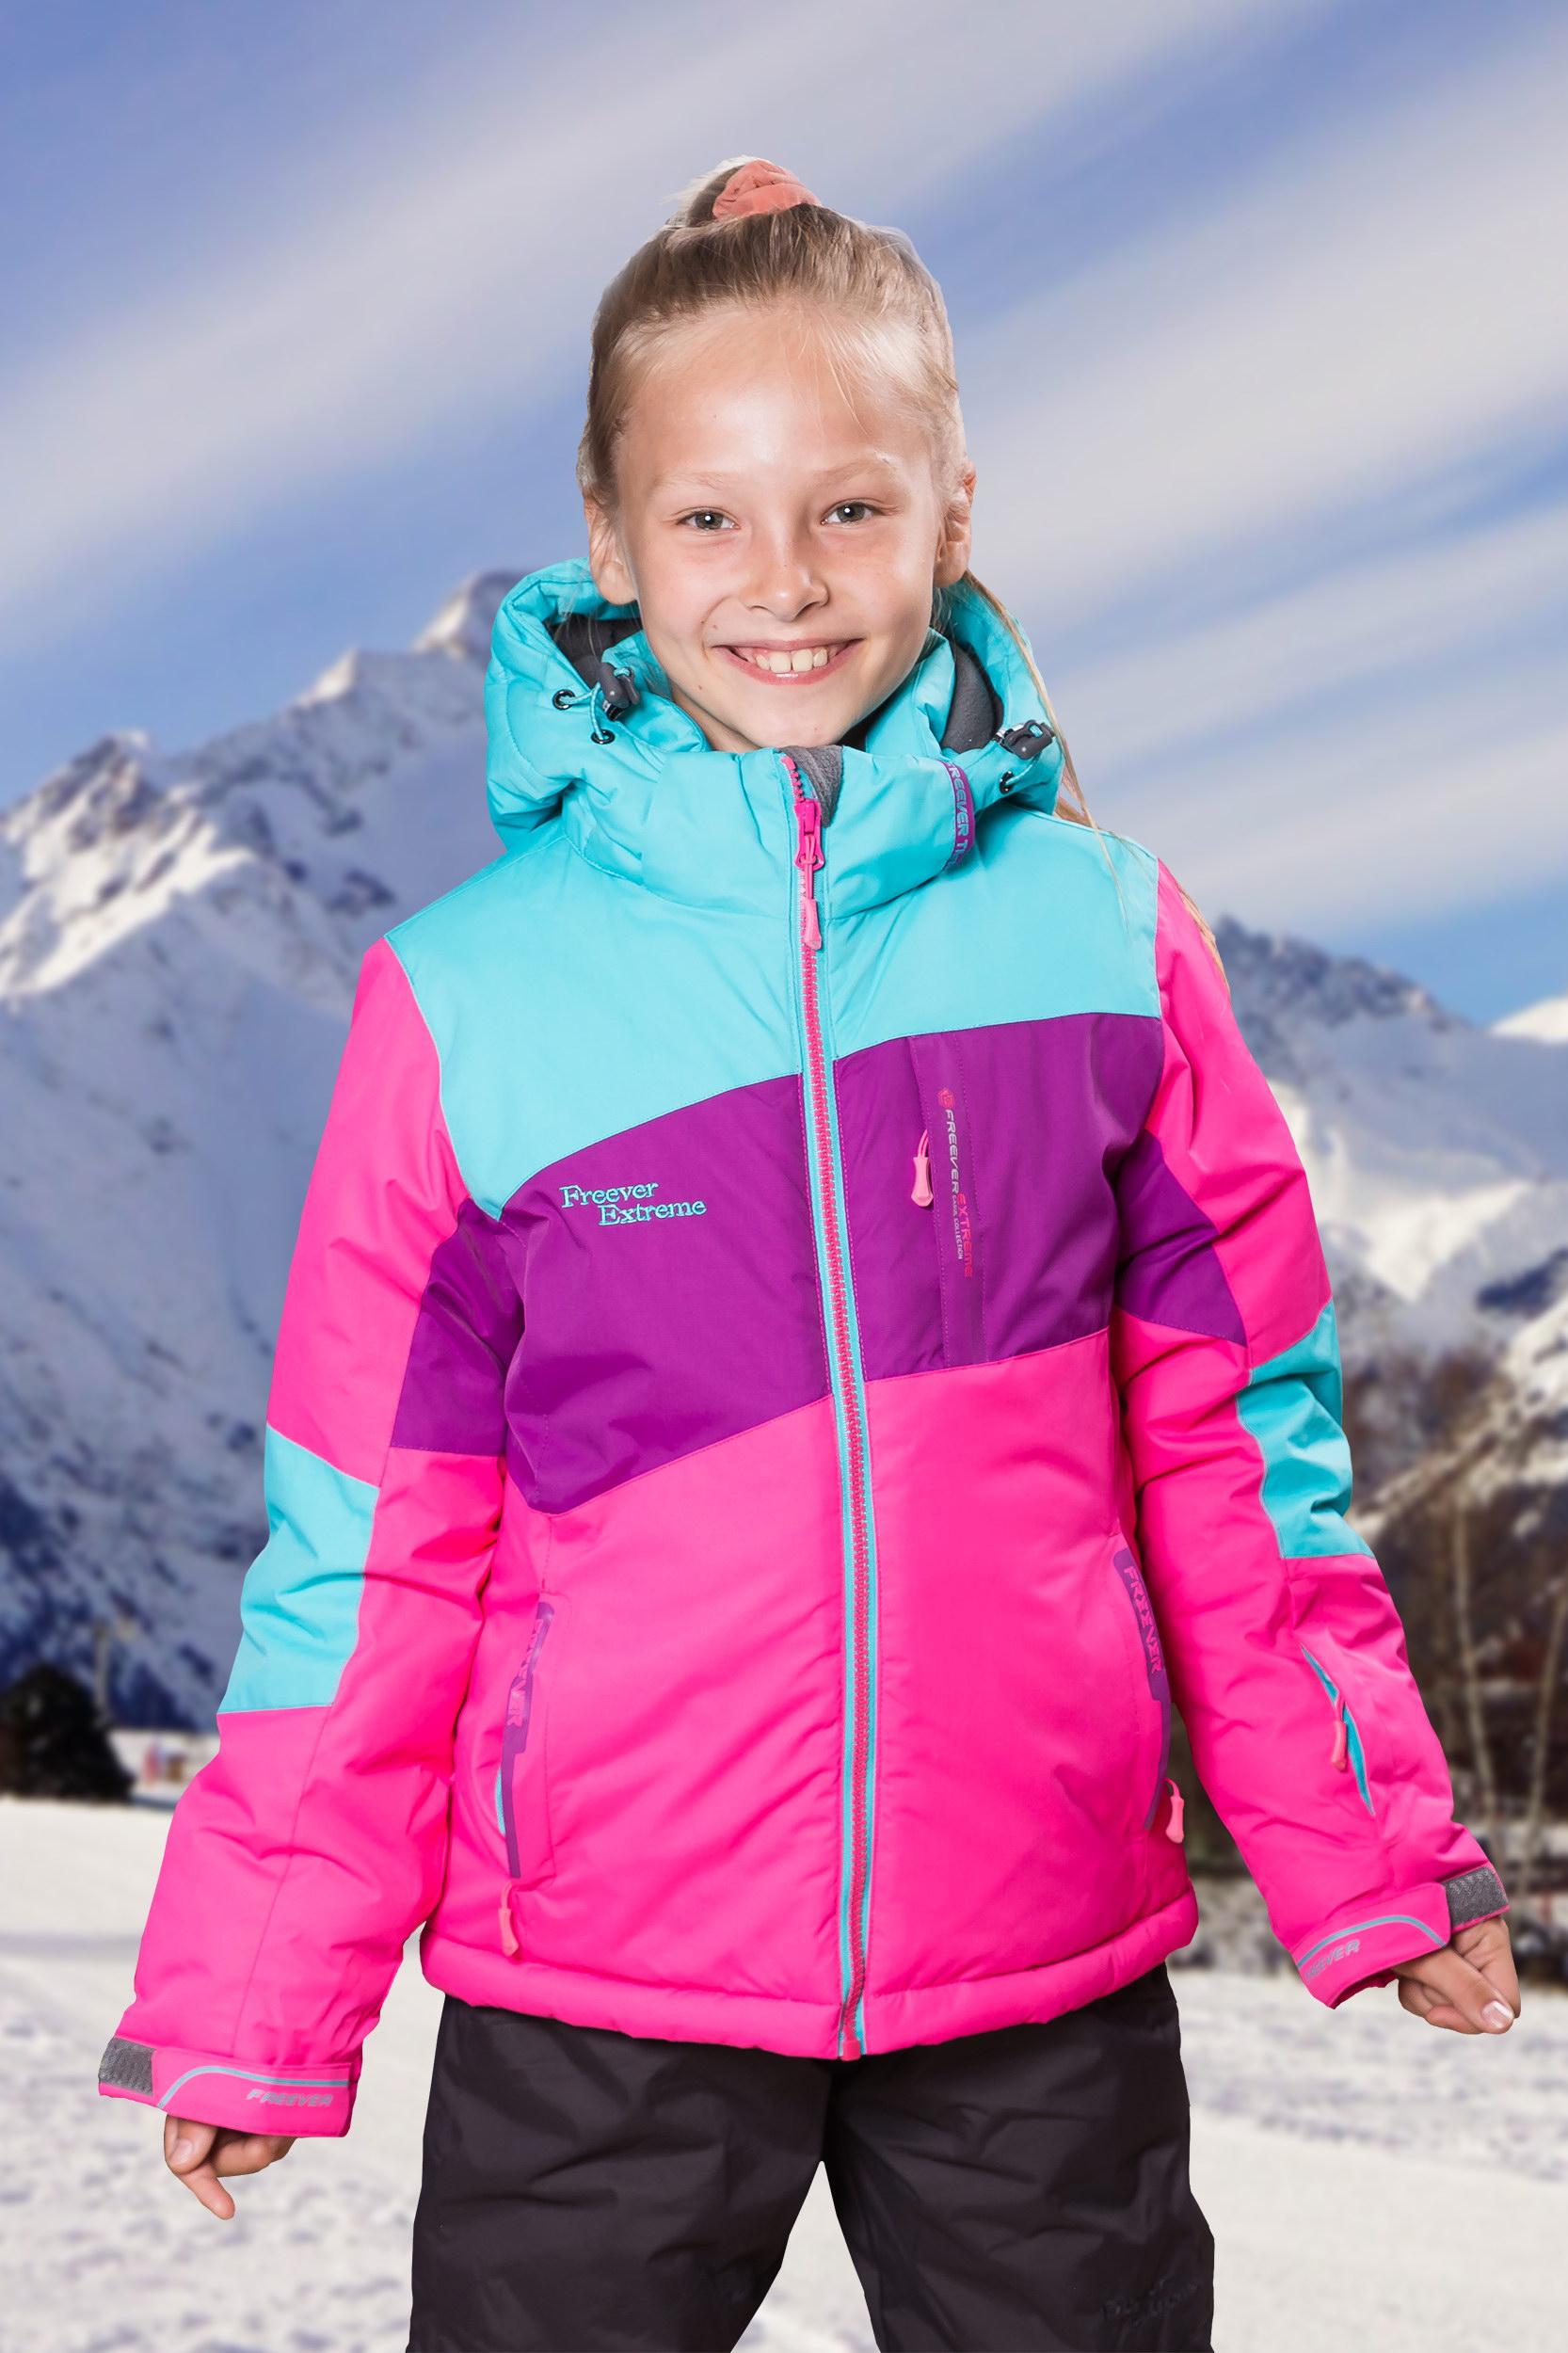 58f7c40becf6 Детская лыжная куртка для девочек FREEVER 27025 купить в Киеве ...